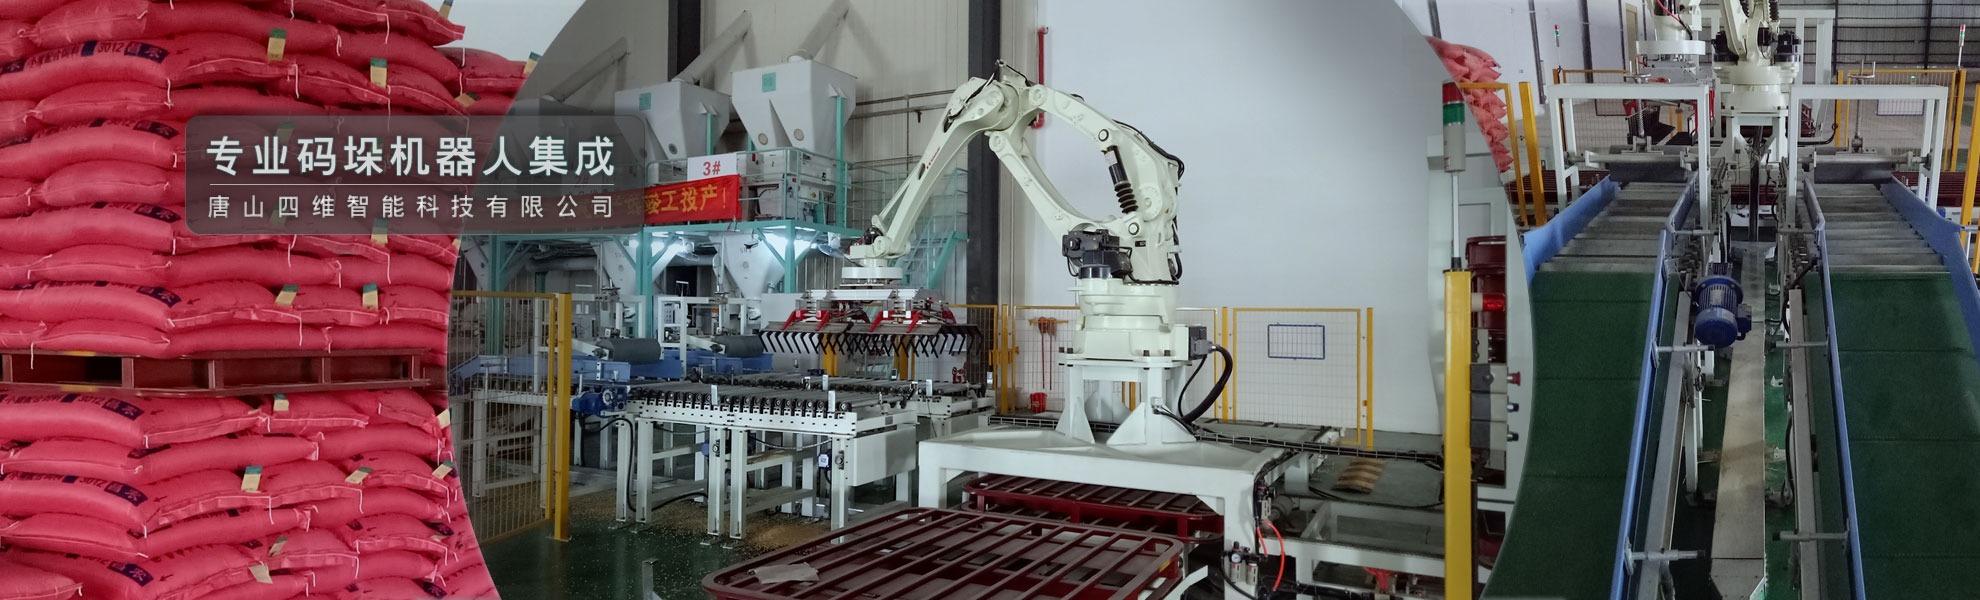 三线双抓码垛机器人系统